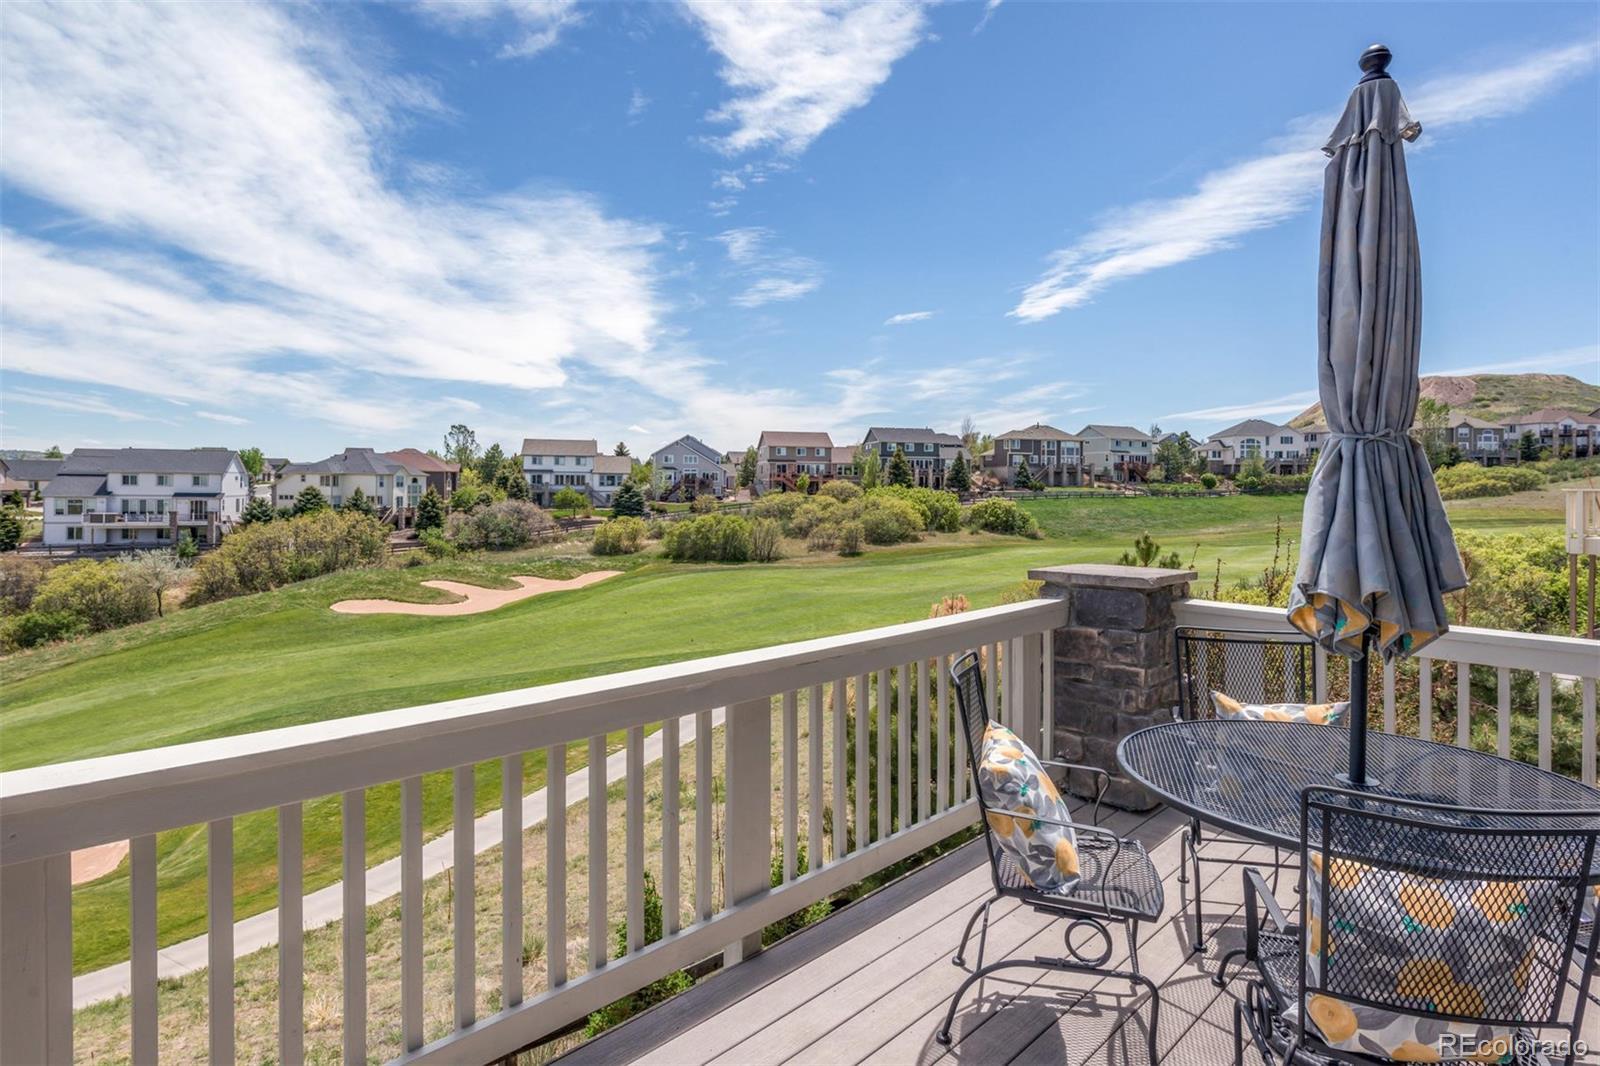 MLS# 6520057 - 28 - 1556 Bent Wedge Point , Castle Rock, CO 80109